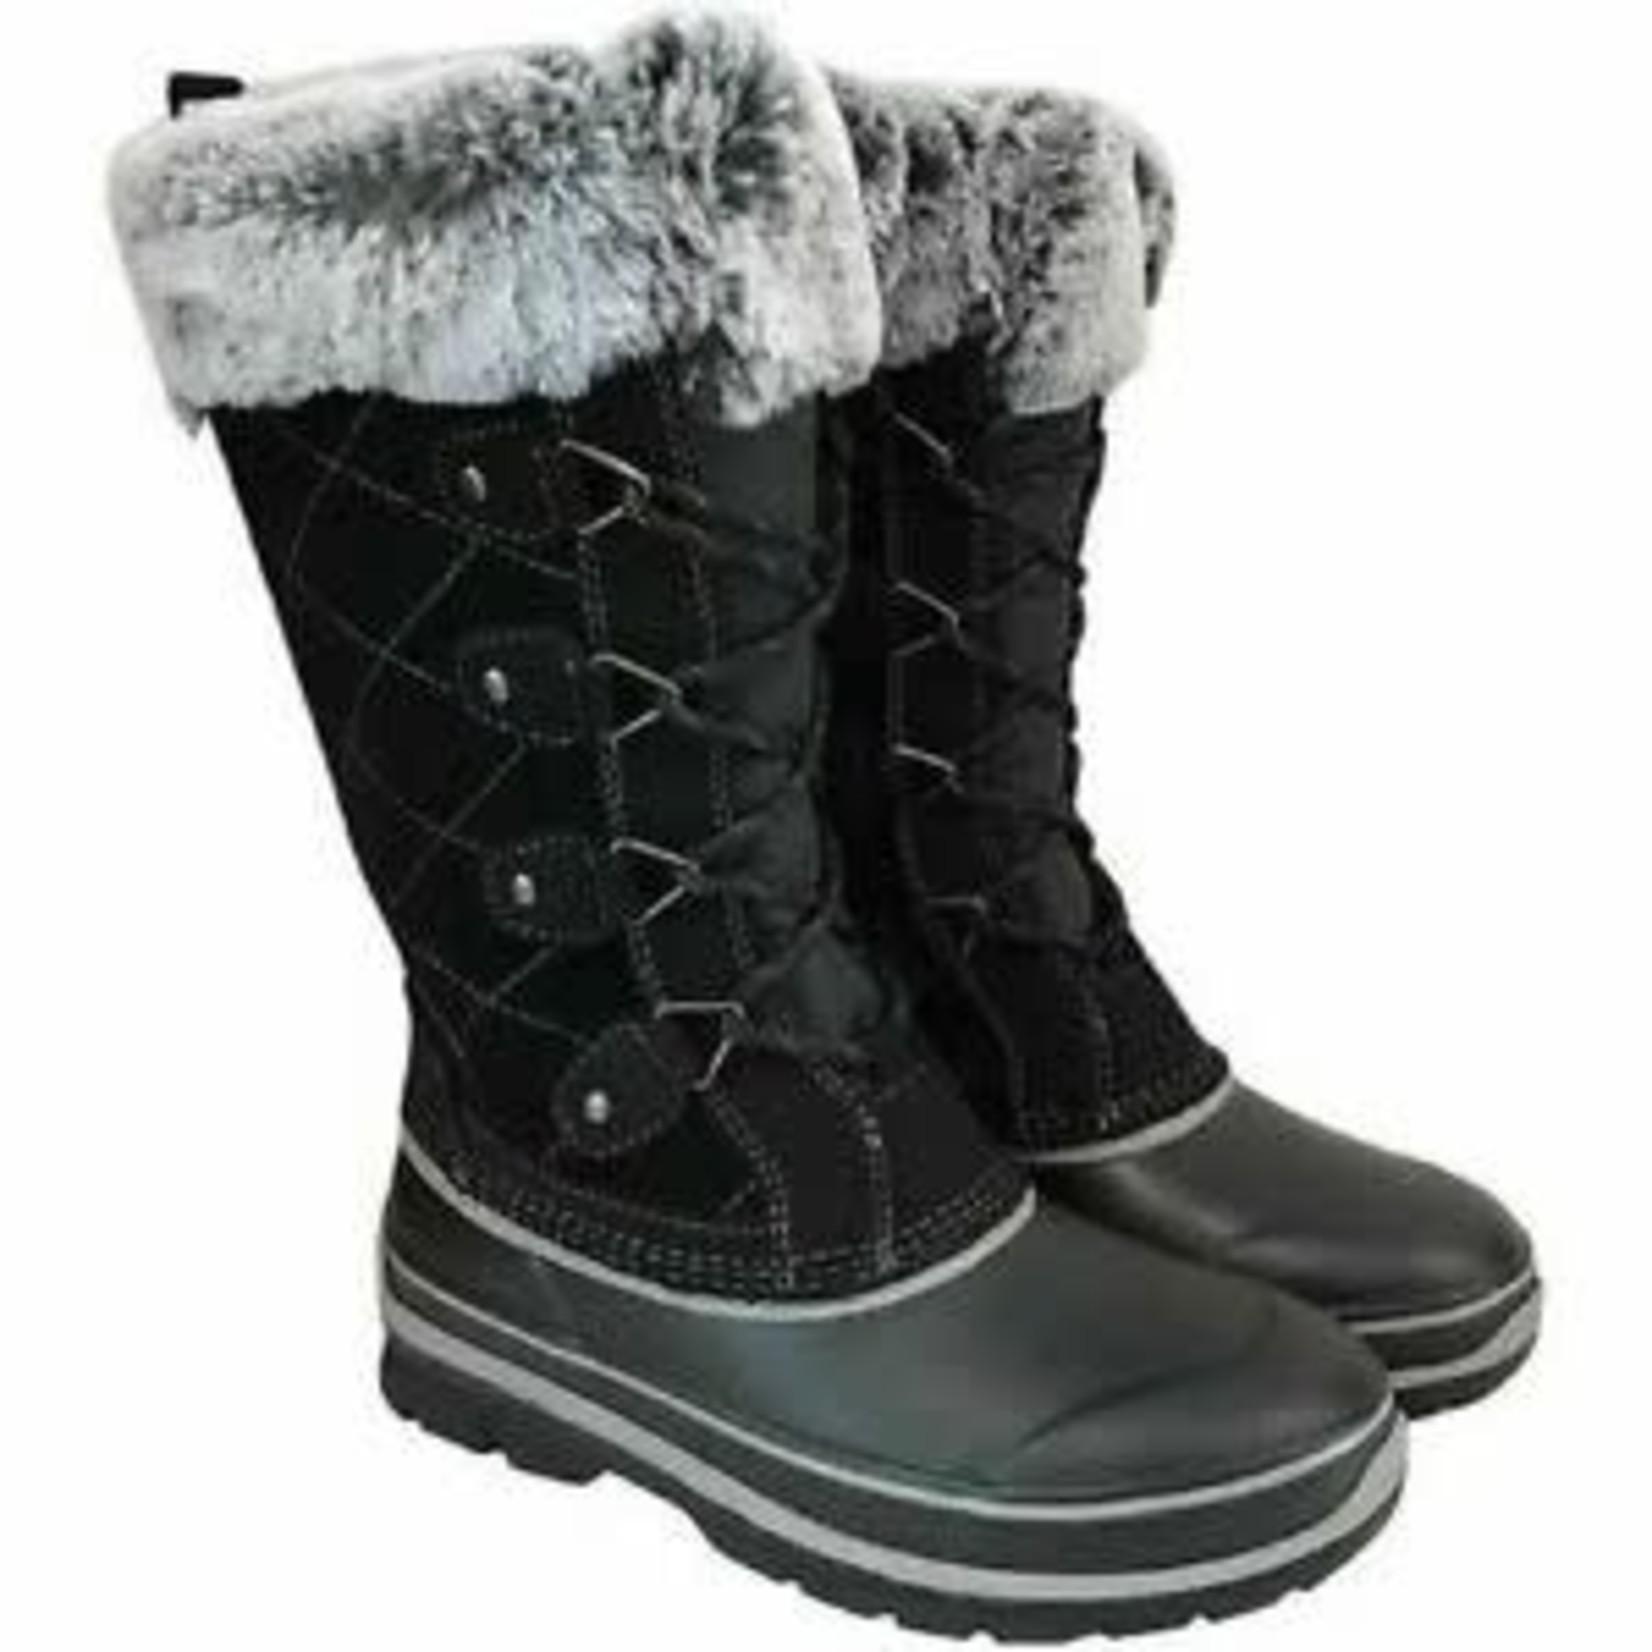 Khombu Women's Ellie Snow Boots 8